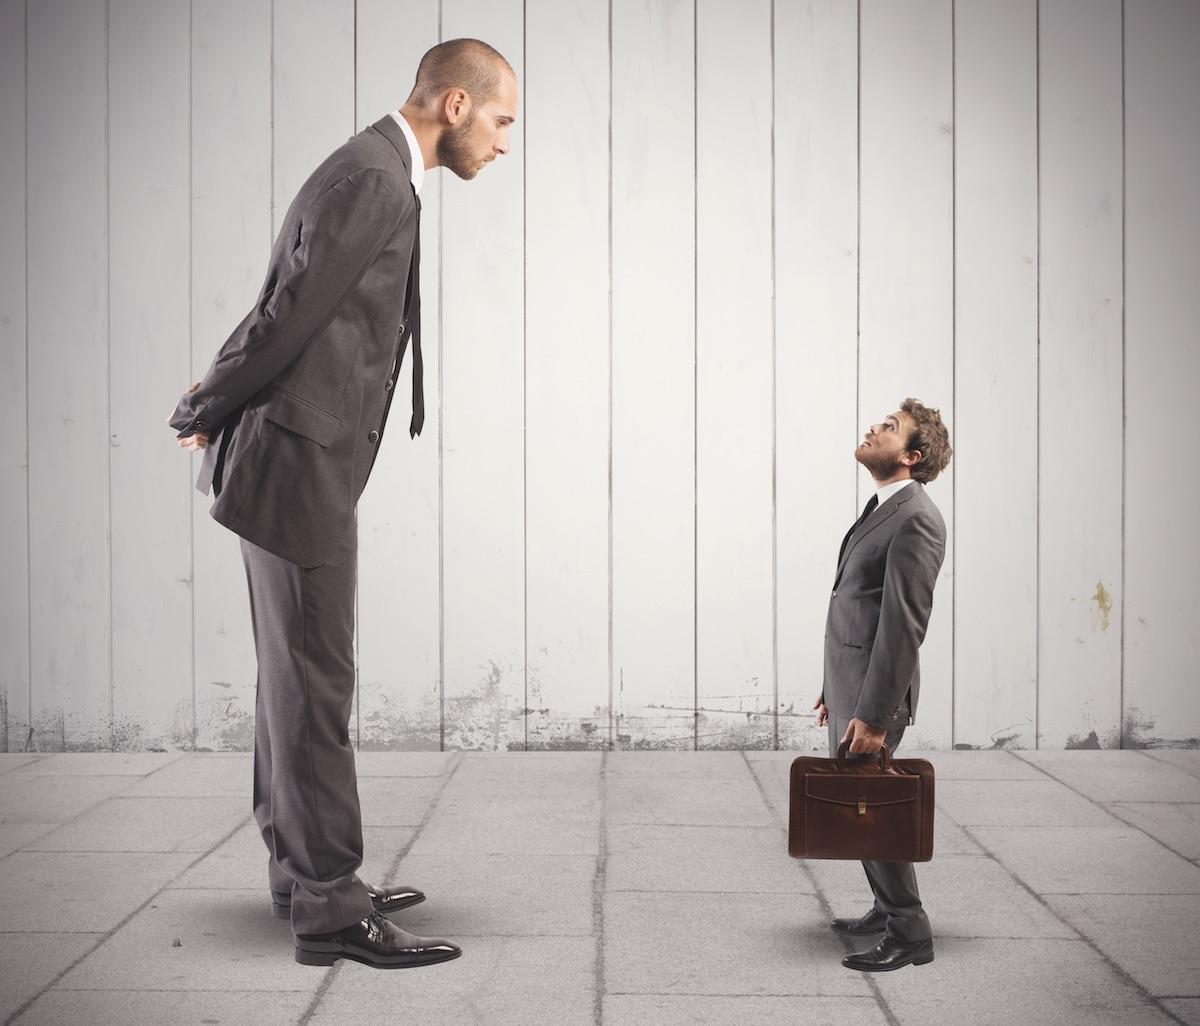 Ratschläge erteilen vs. Ermutigend Führen